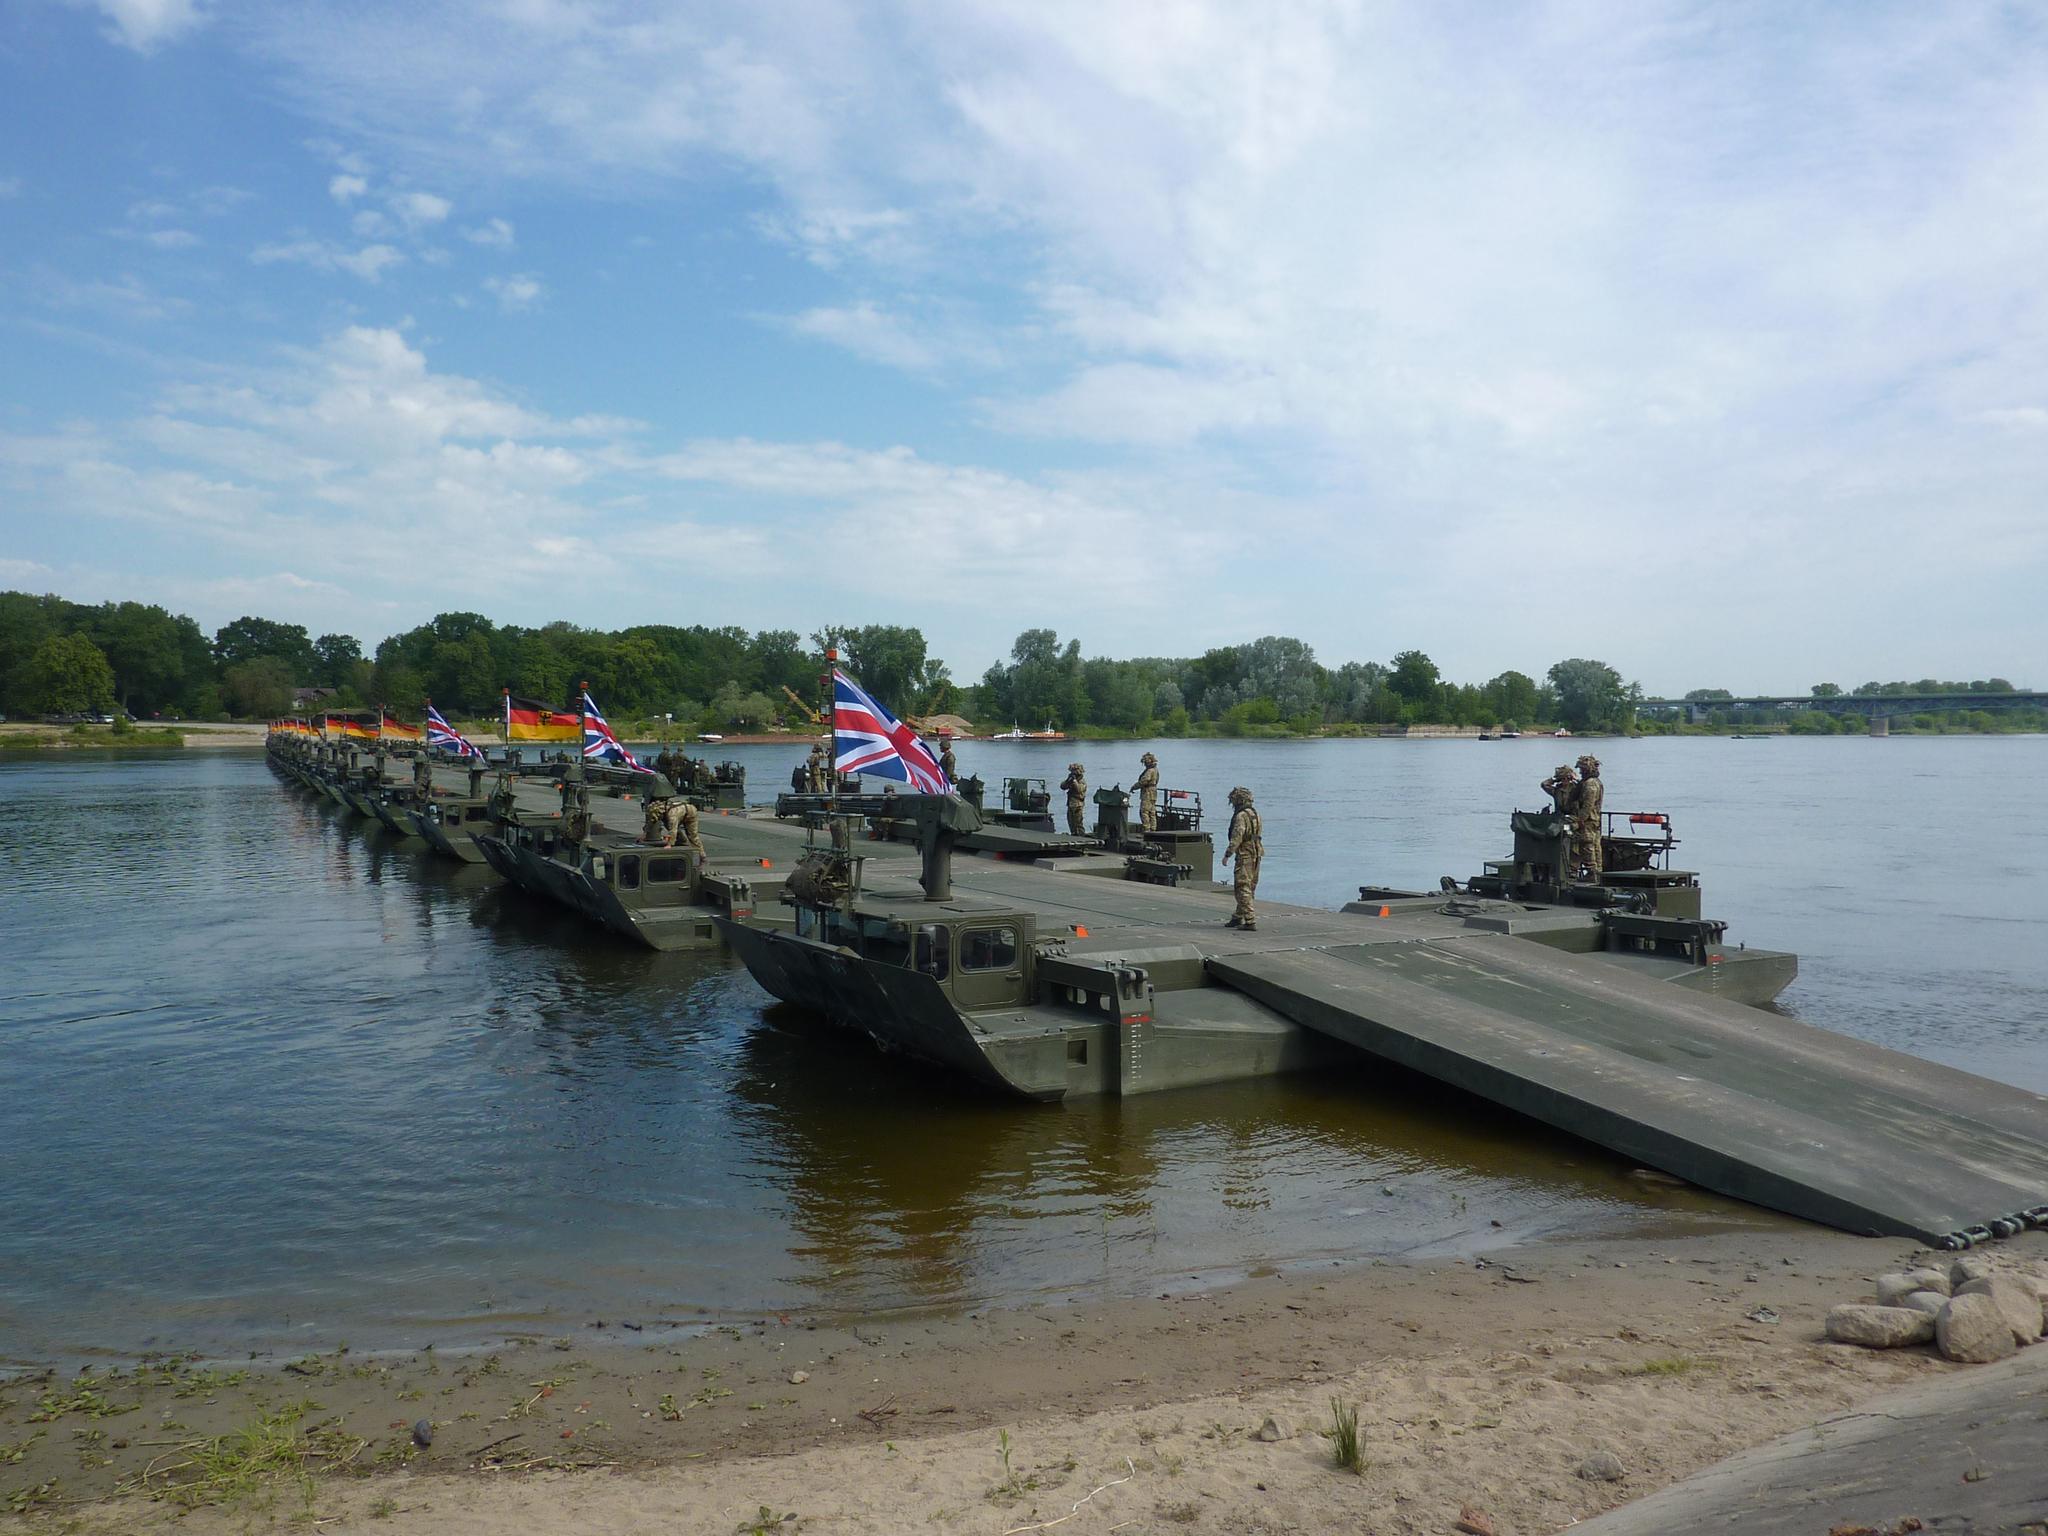 한화디펜스의 한국형 M3 자주도하장비. 세계 10여개국에서 전력화됐고 실전경험도 갖췄다는 게 한화디펜스가 내세우는 장점이다. 북대서양조약기구(NATO) 연합훈련에서 세계 최장(350m) 부교 구축 기록을 세우기도 했다. [사진 한화디펜스]